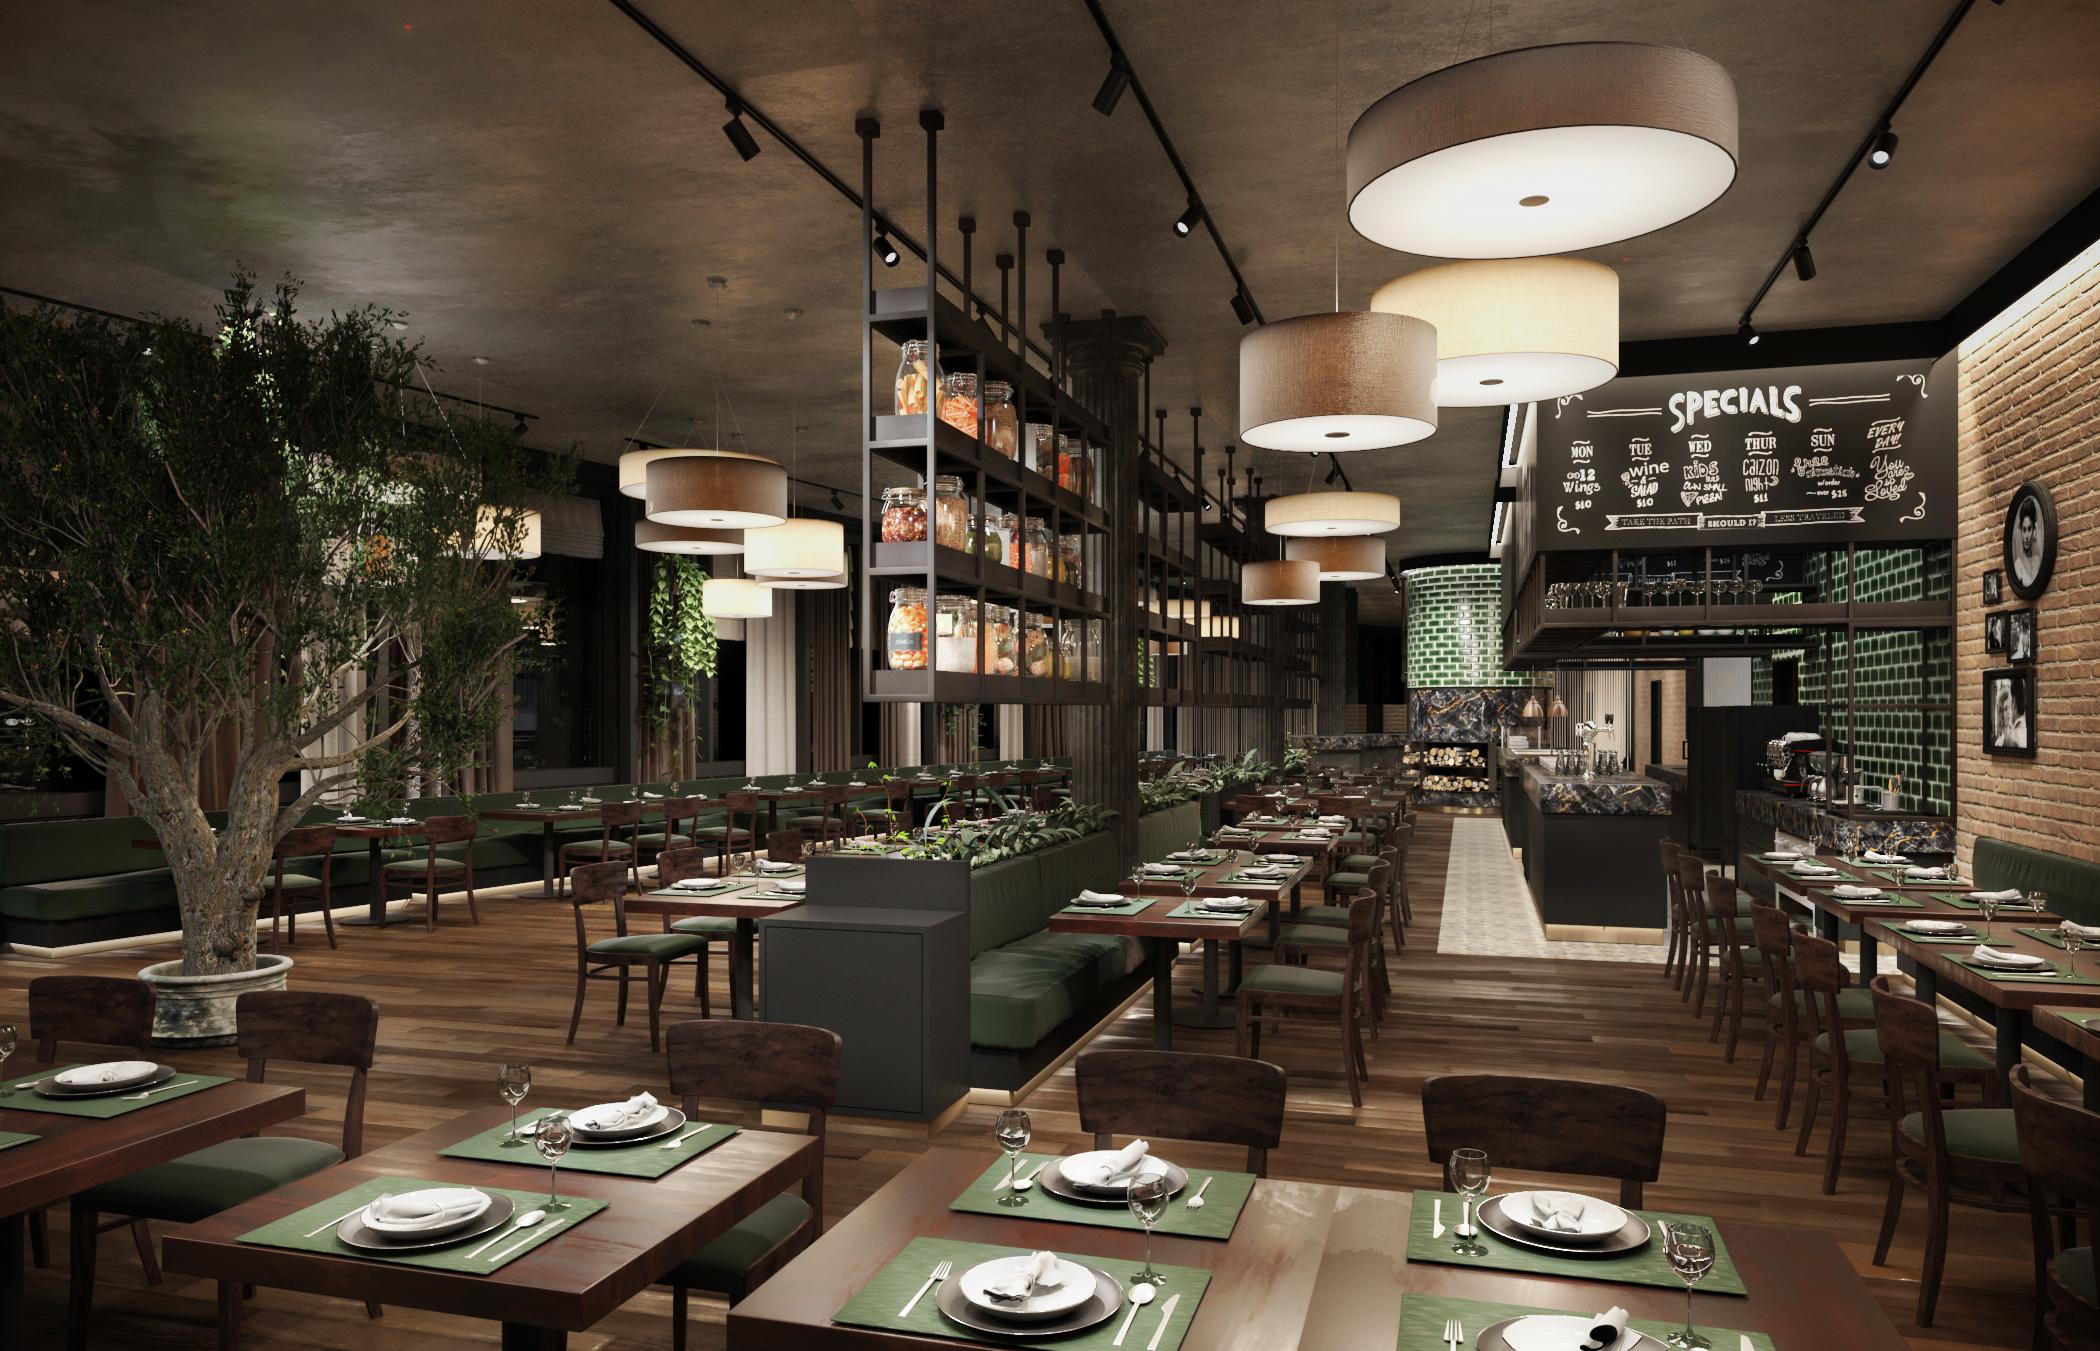 https://martinuzzi.ch/wp-content/uploads/2019/12/Doppio_gusto__restaurant_4.jpg